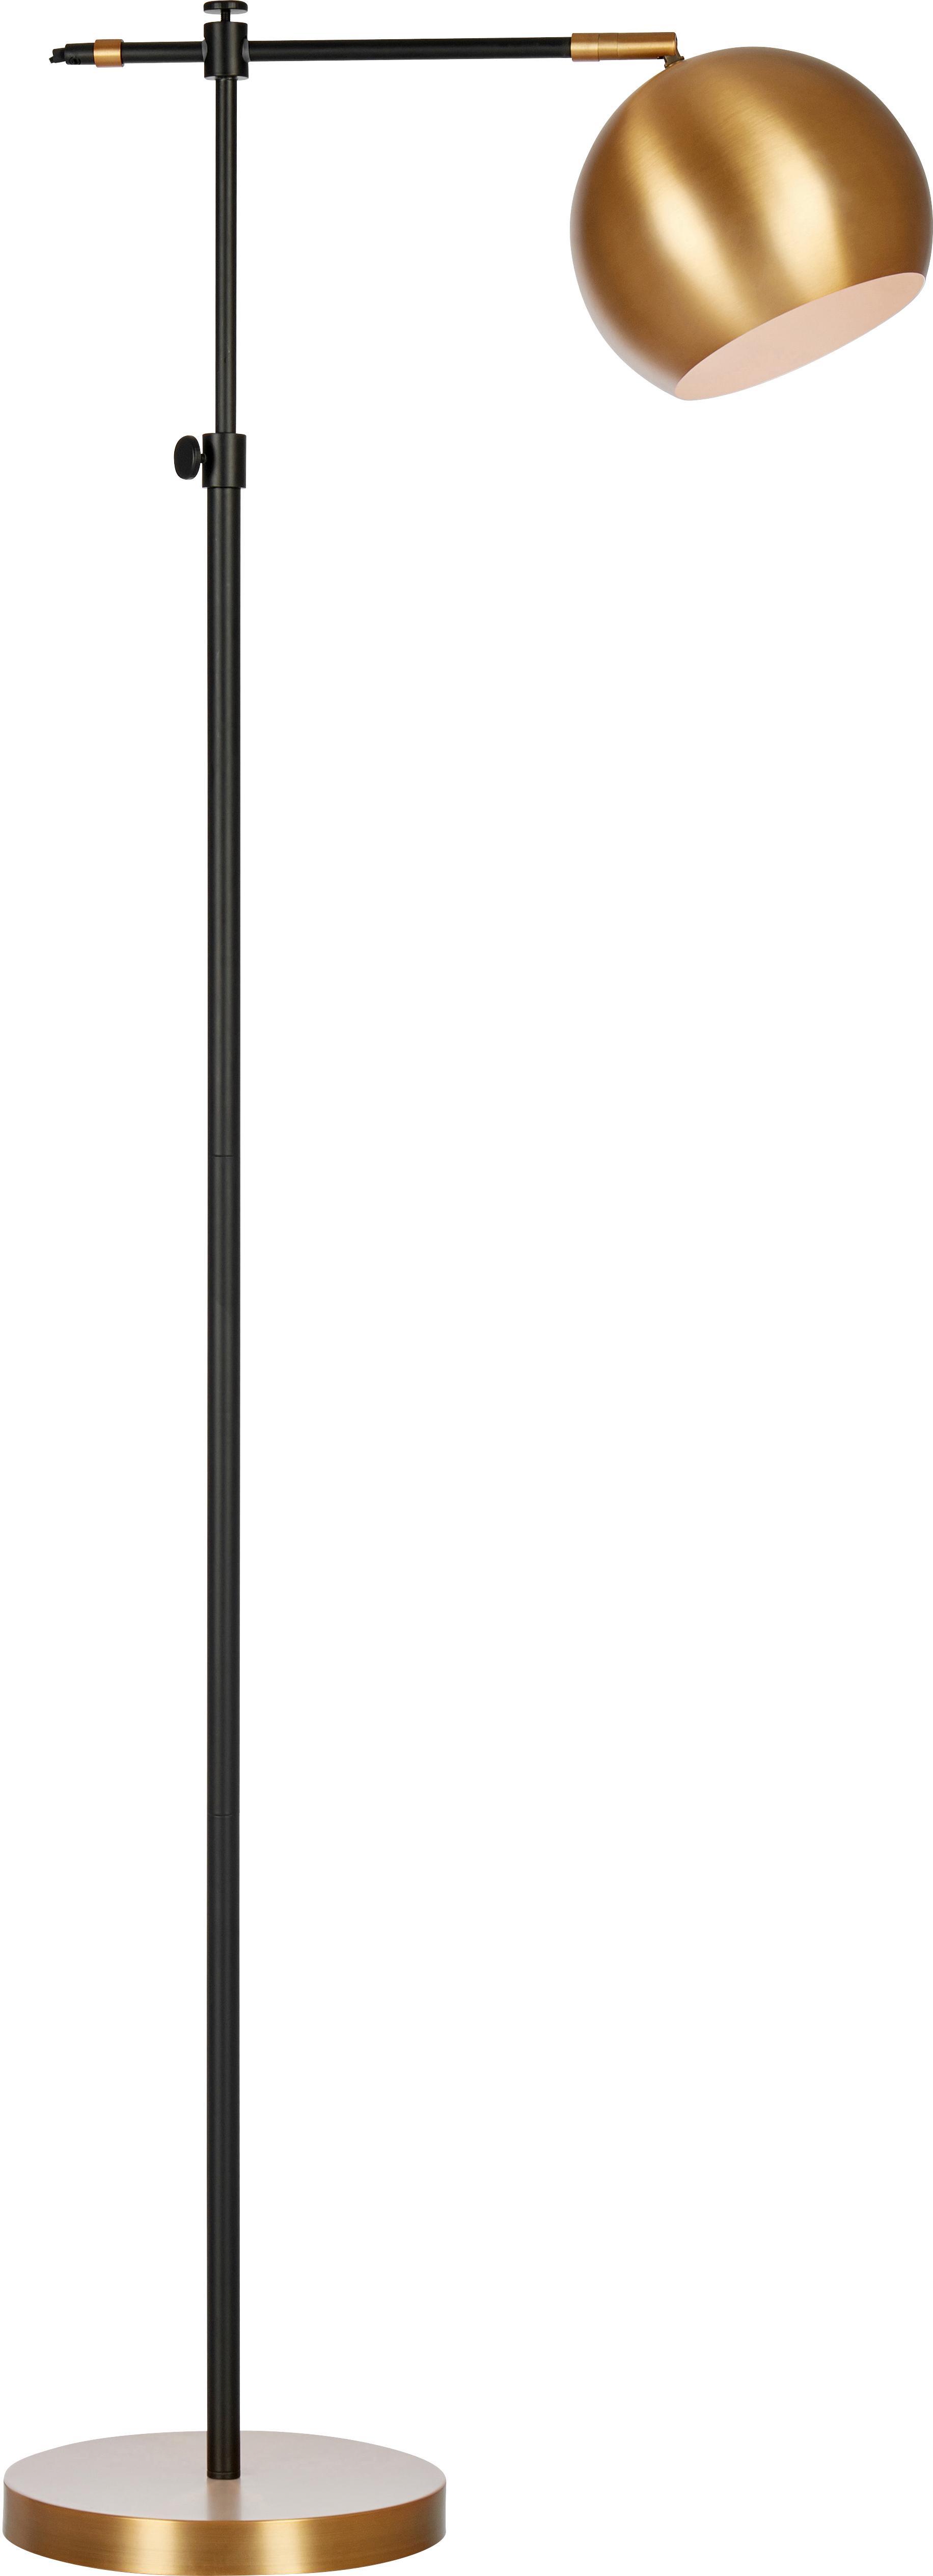 Leeslamp Chester, Gelakt messing, Bruin, zwart, 25 x 135 cm